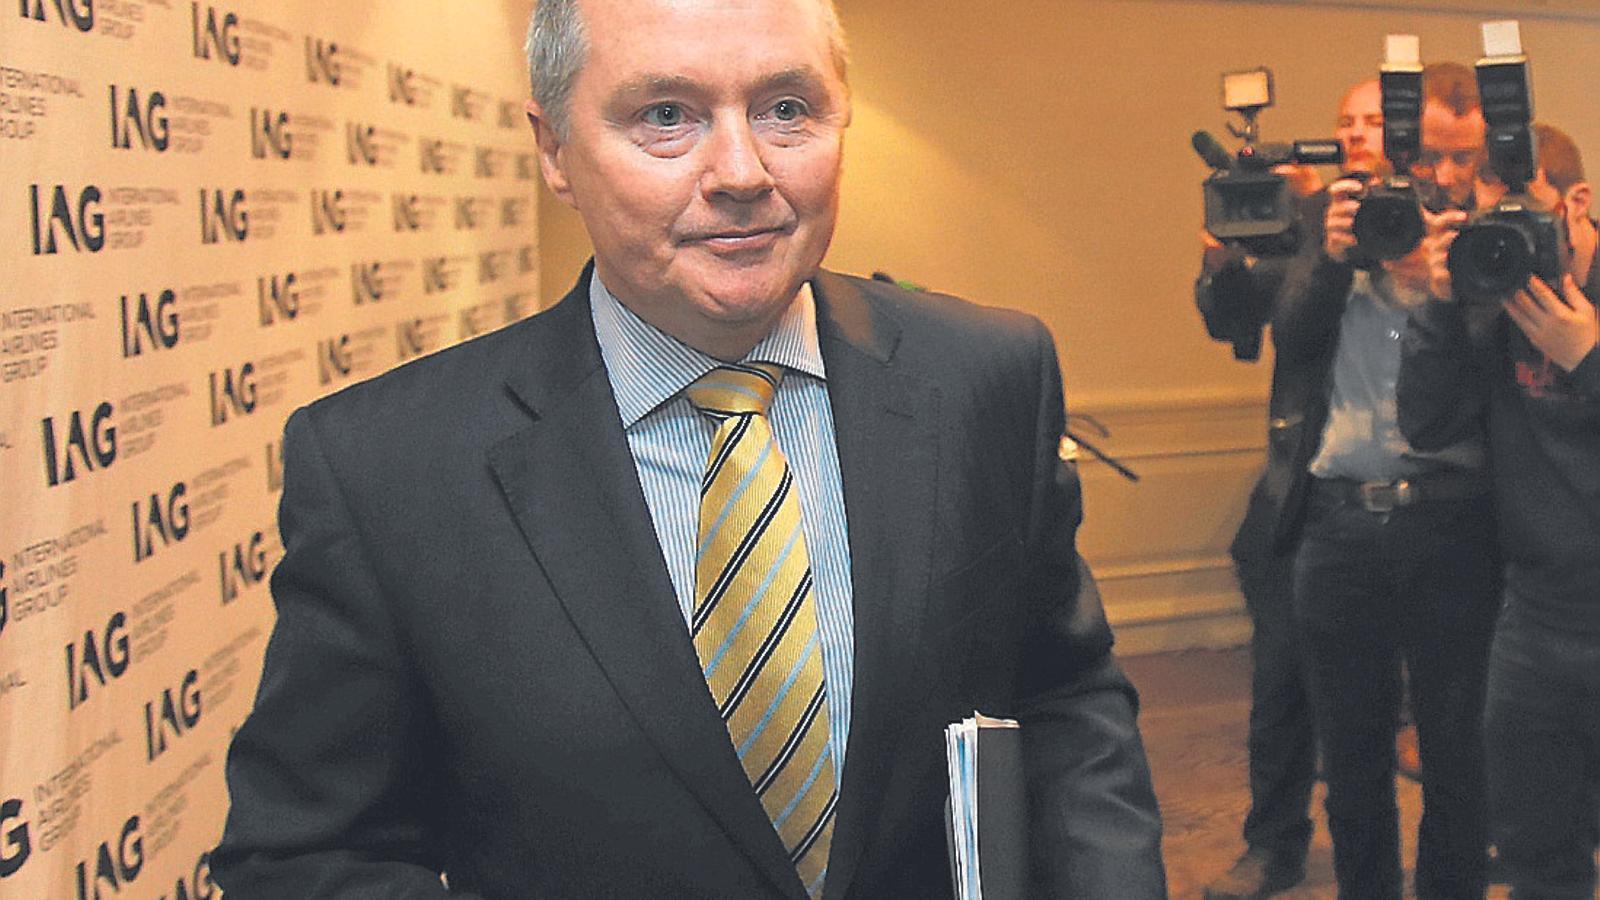 Willie Walsh, conseller delegat d'IAG, va assegurar fa dos anys que el grup no operaria vols de llarga distància des de Barcelona perquè era més eficient concentrar-se a Madrid